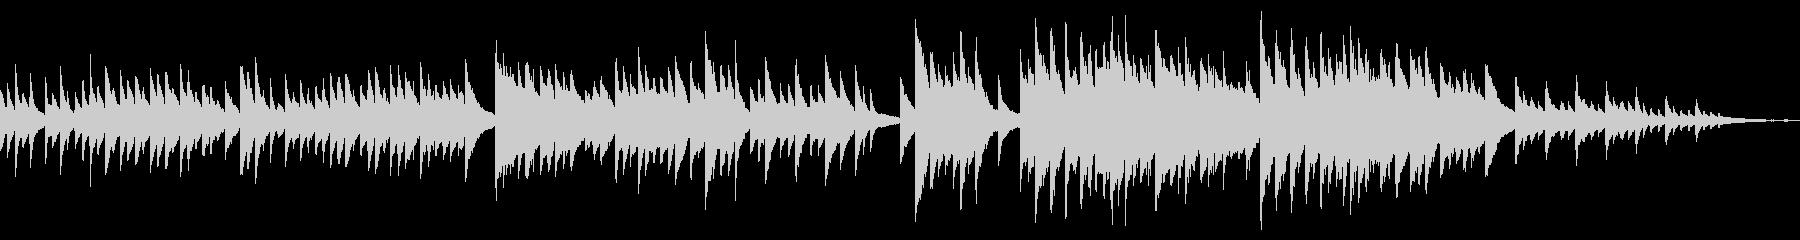 ループ しっとり悲しい 切ないピアノソロの未再生の波形